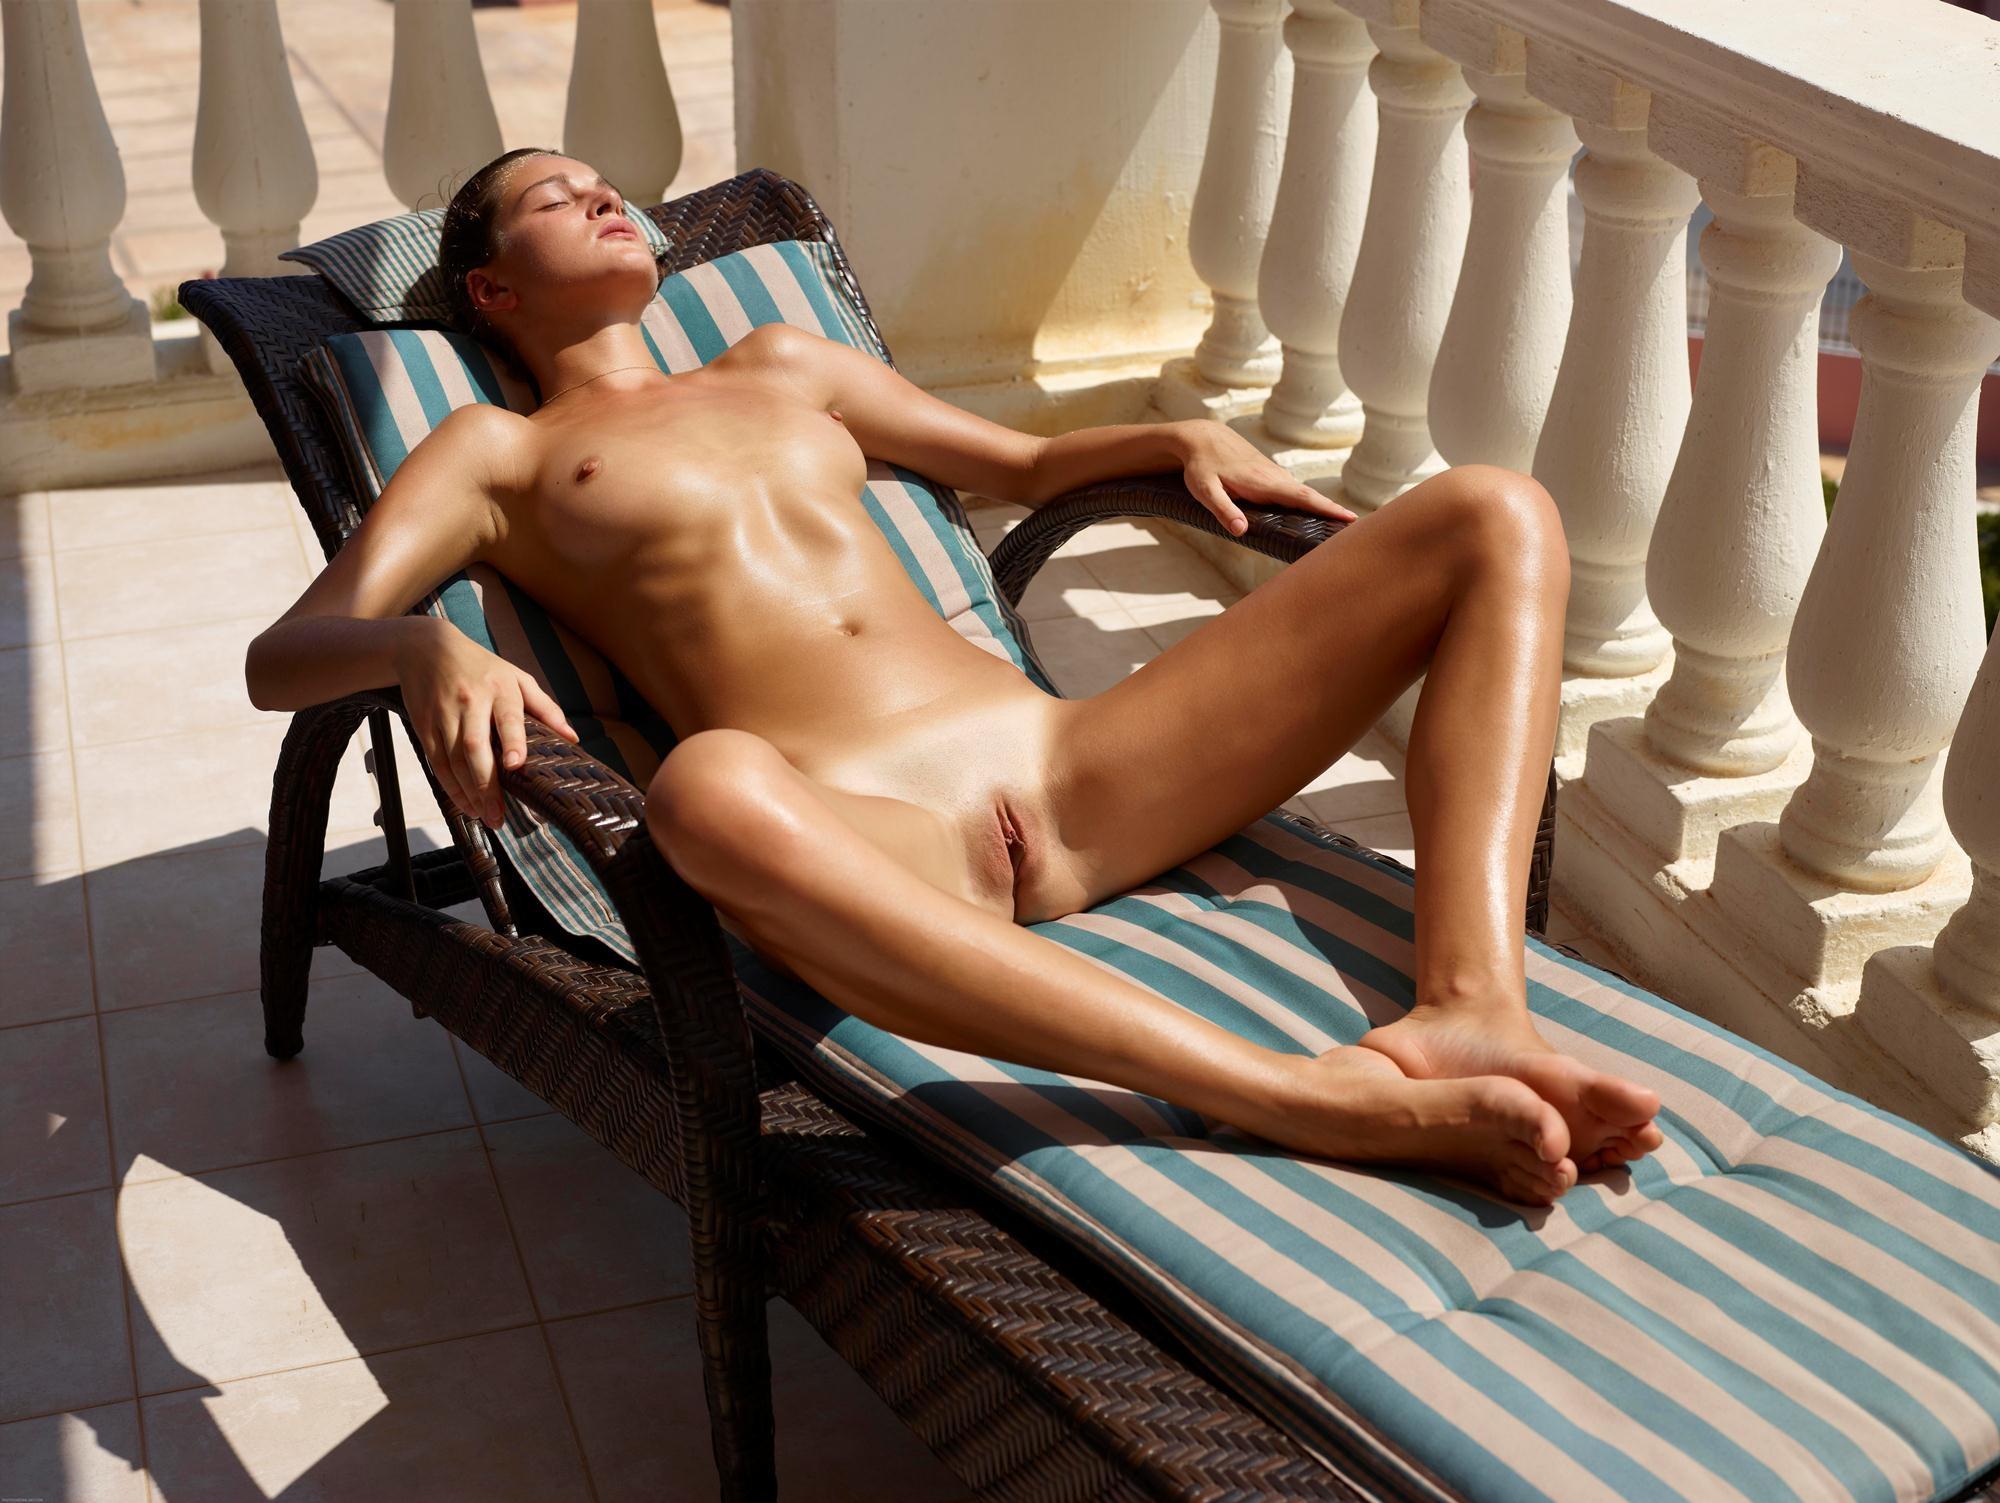 Фото голая в кресле и раздвинула ножки 10 фотография